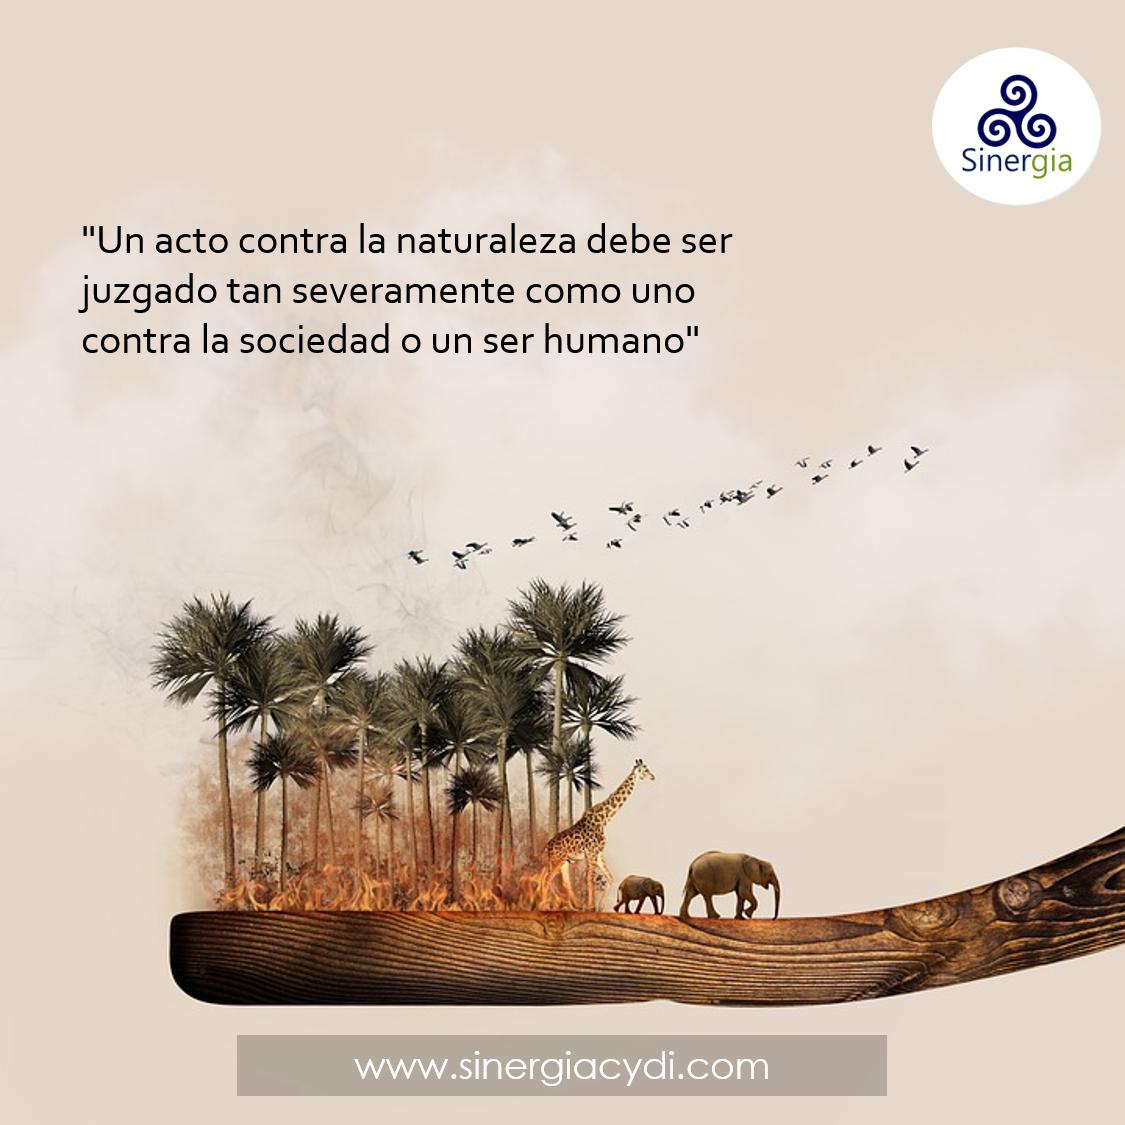 Respeto a la naturaleza y el entorno